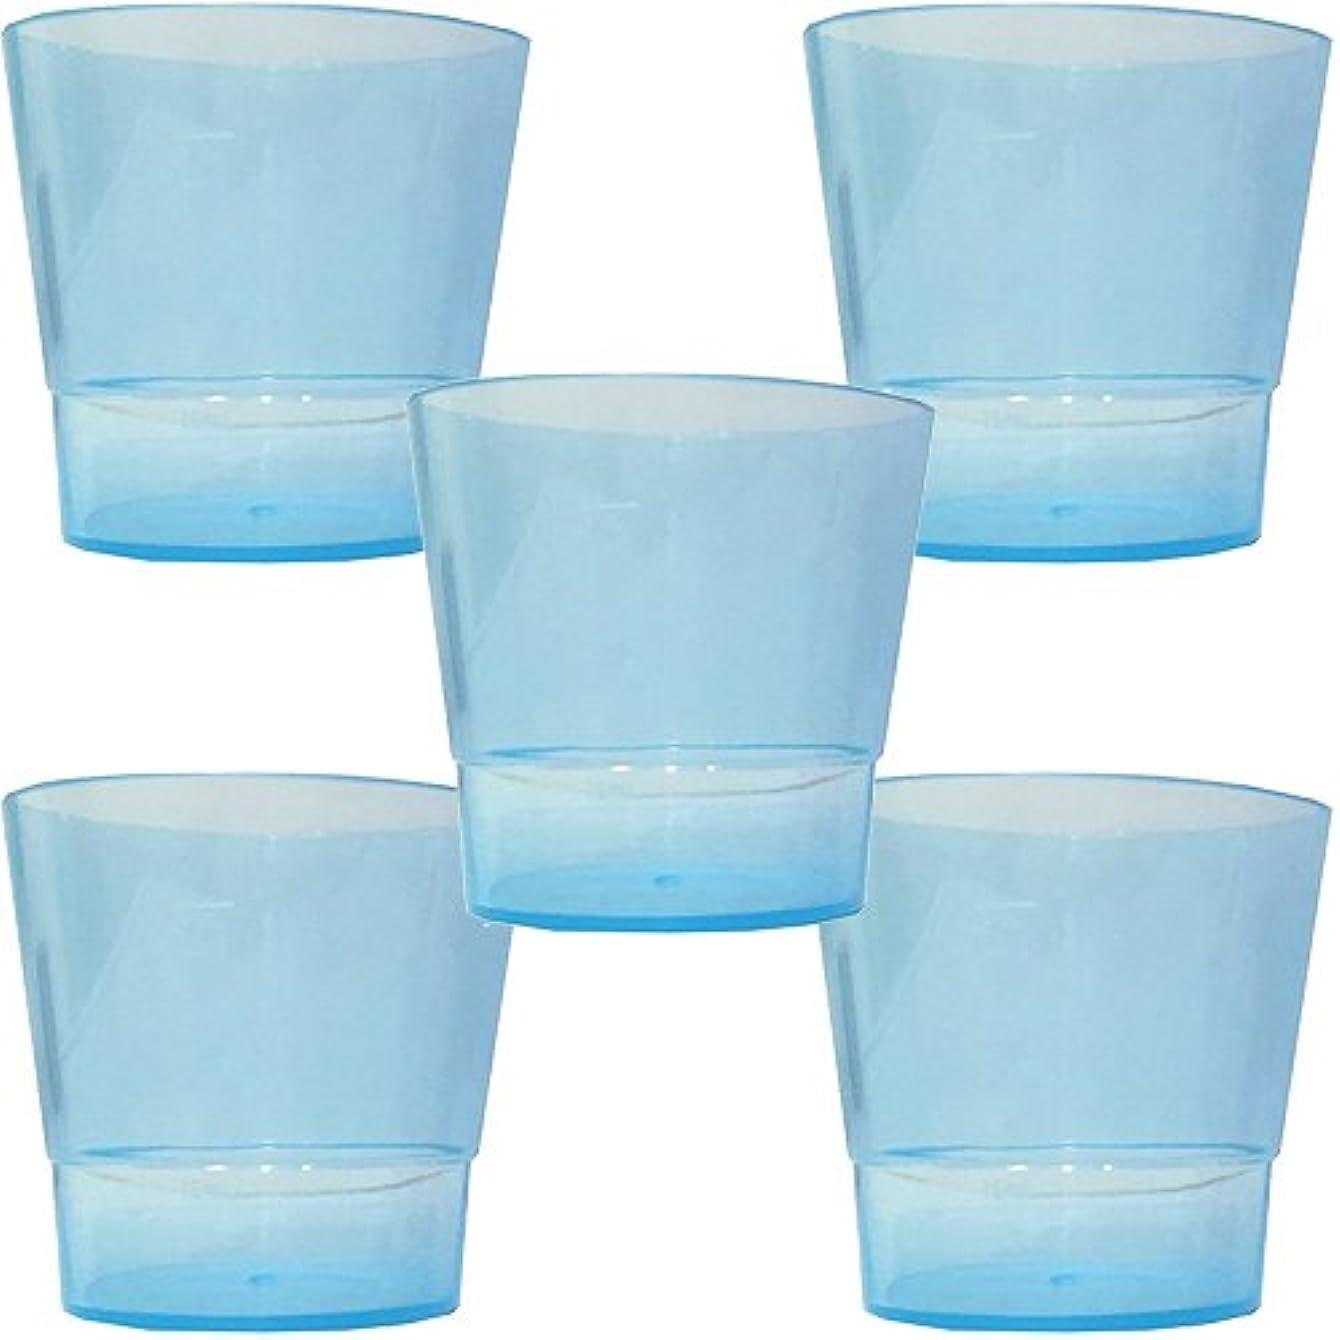 スキームプレフィックス動く洗口コップ (少量洗口専用コップ) (ブルー 5個)